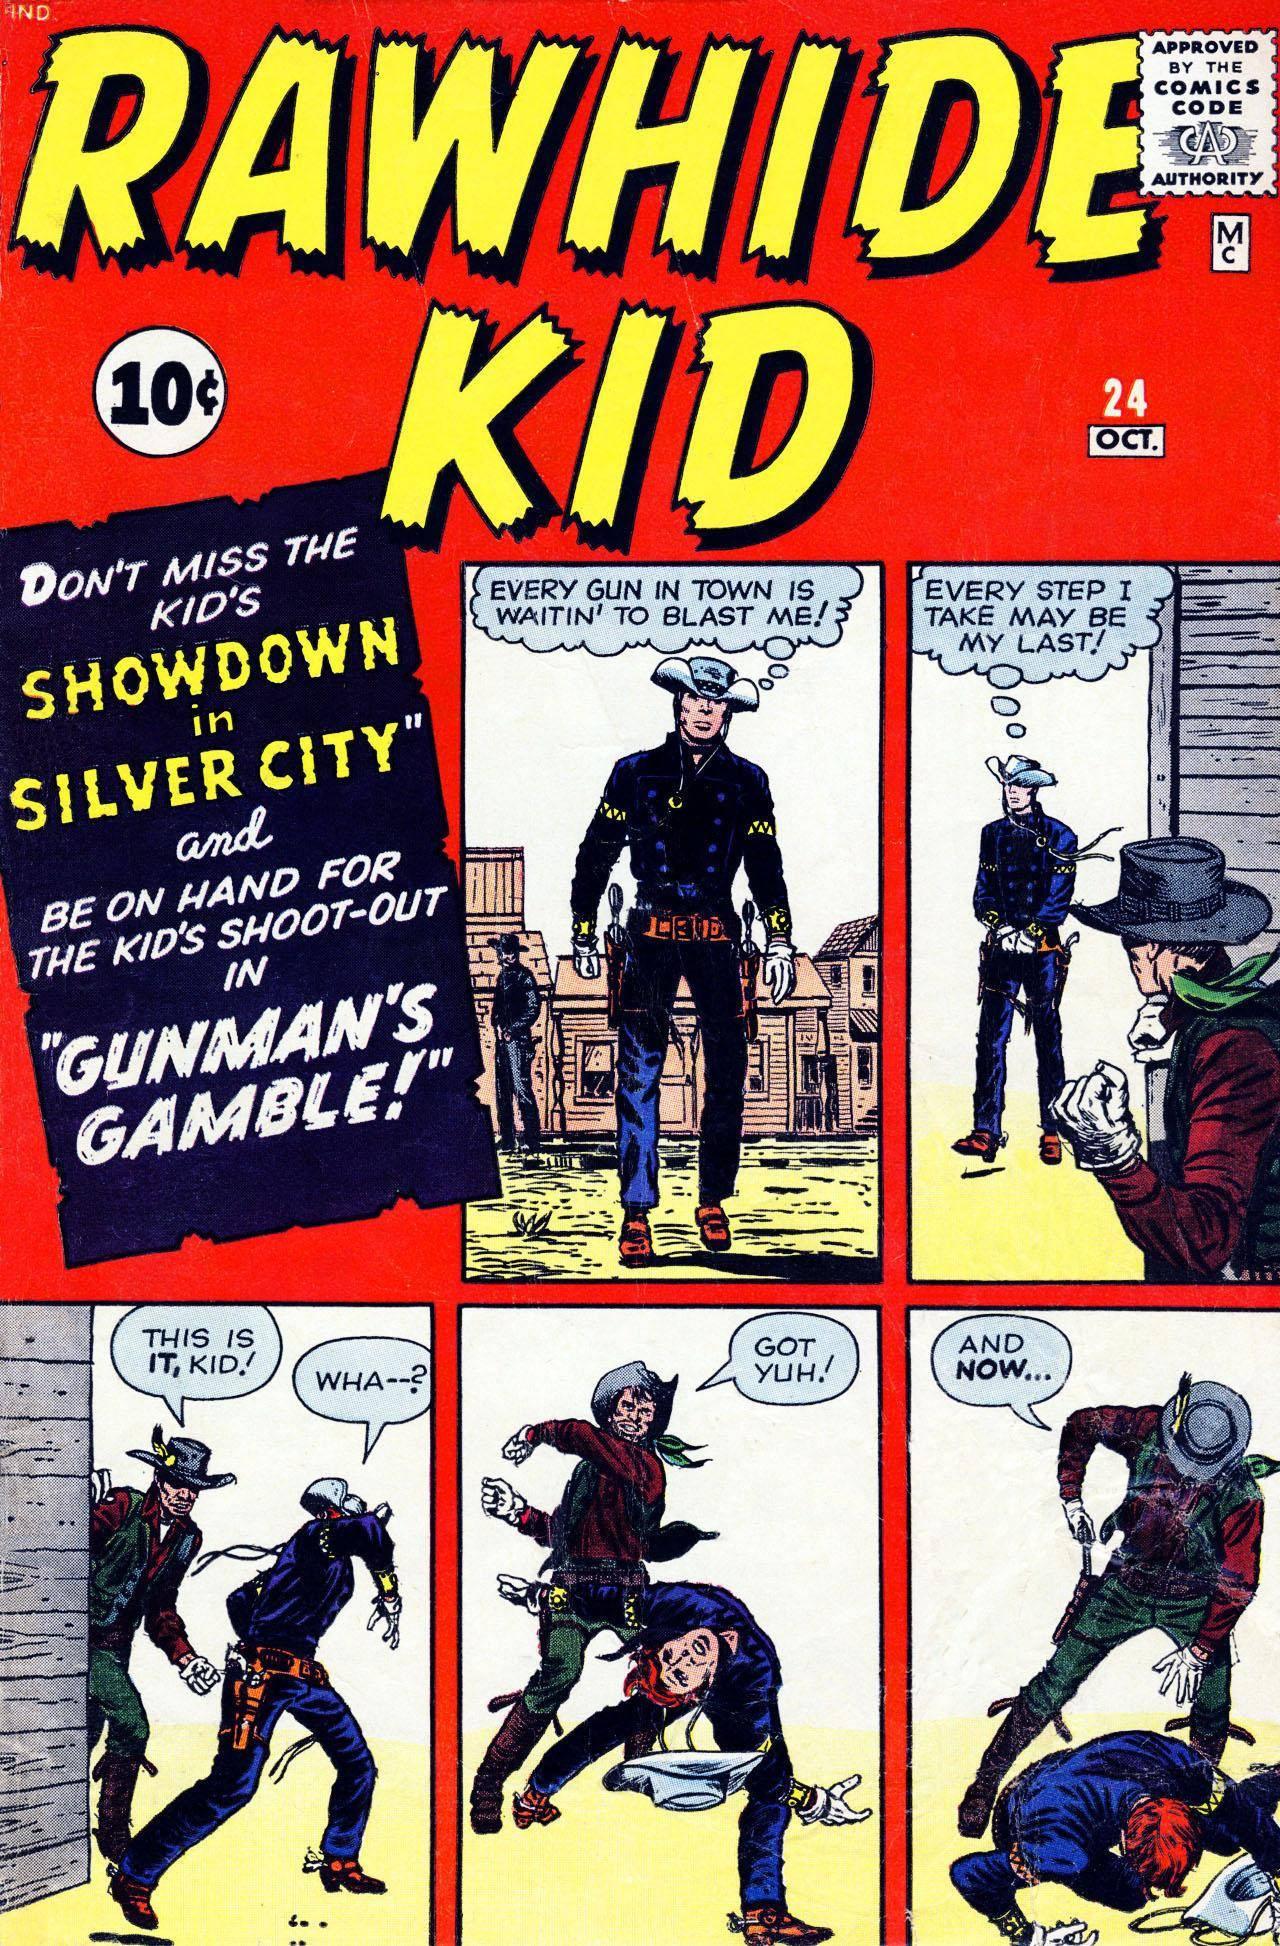 Rawhide Kid v1 024 1961